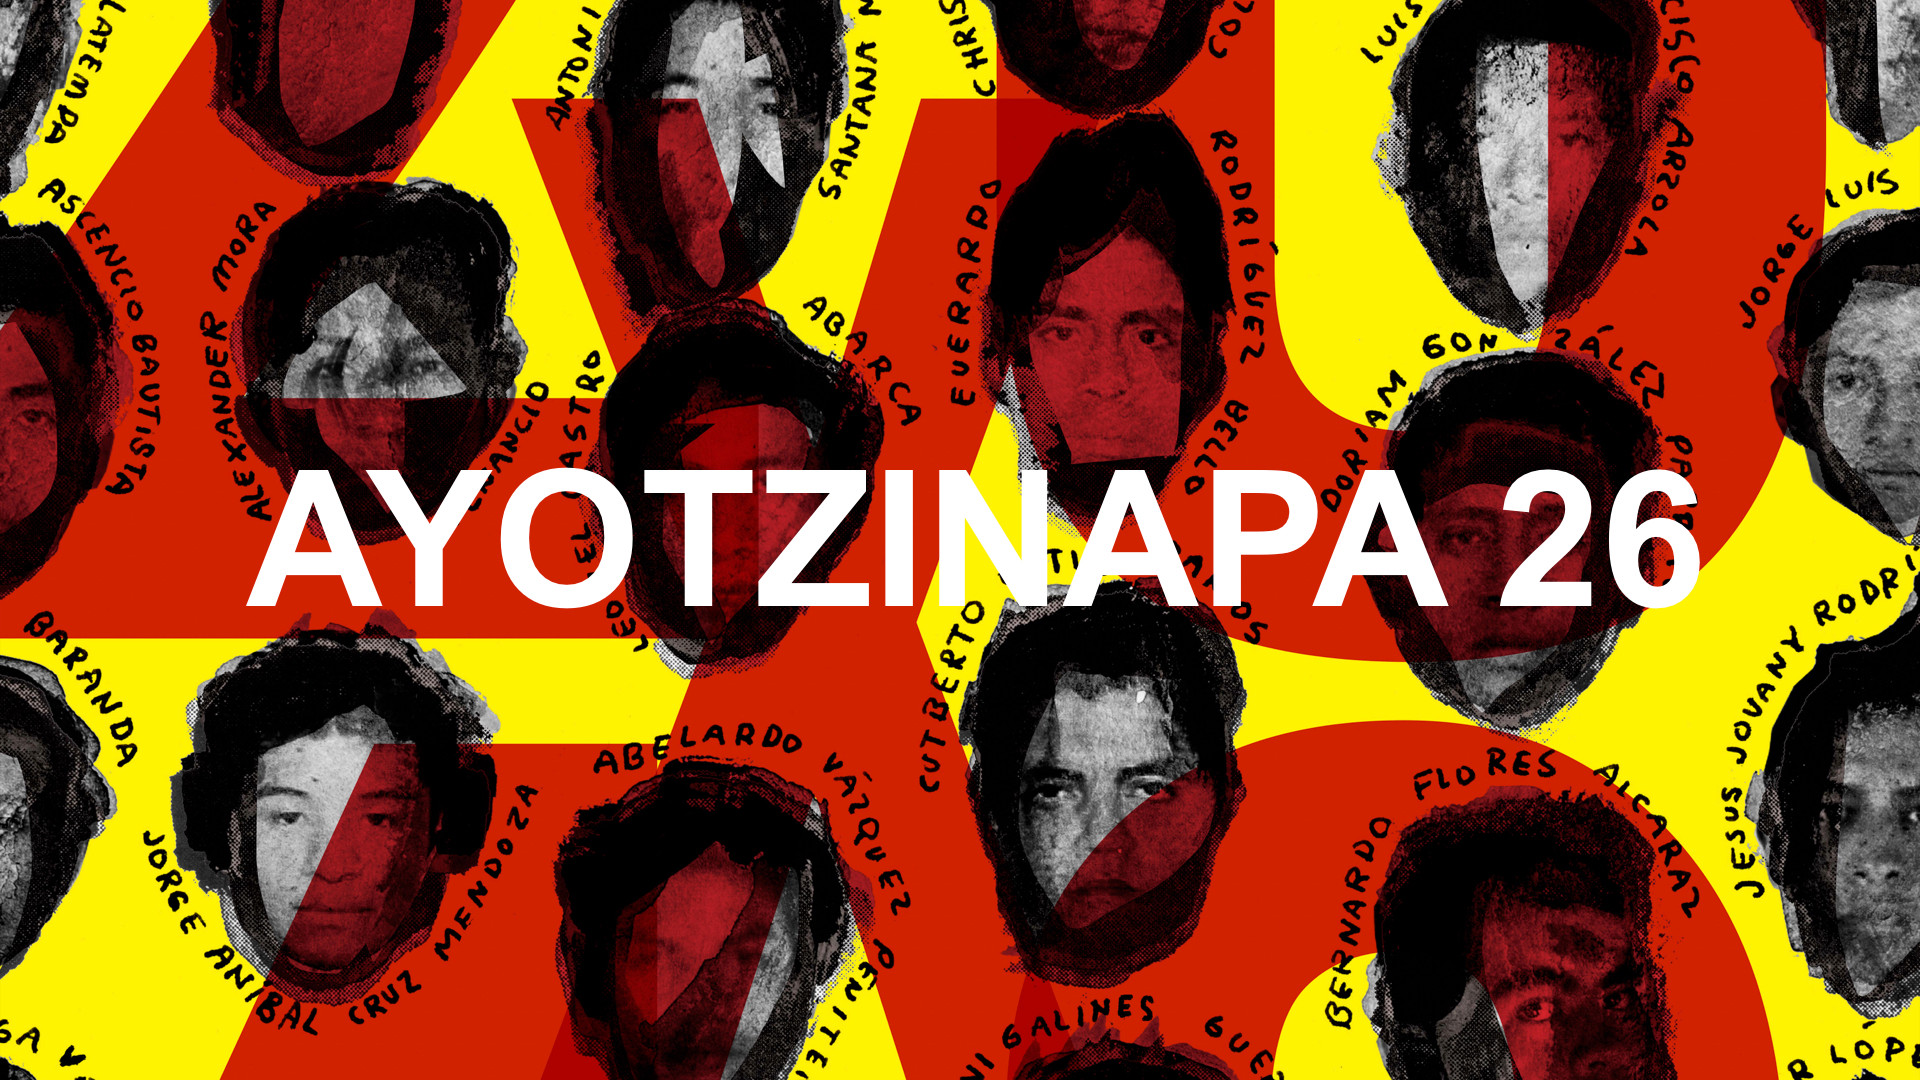 AYOTZINAPA 26